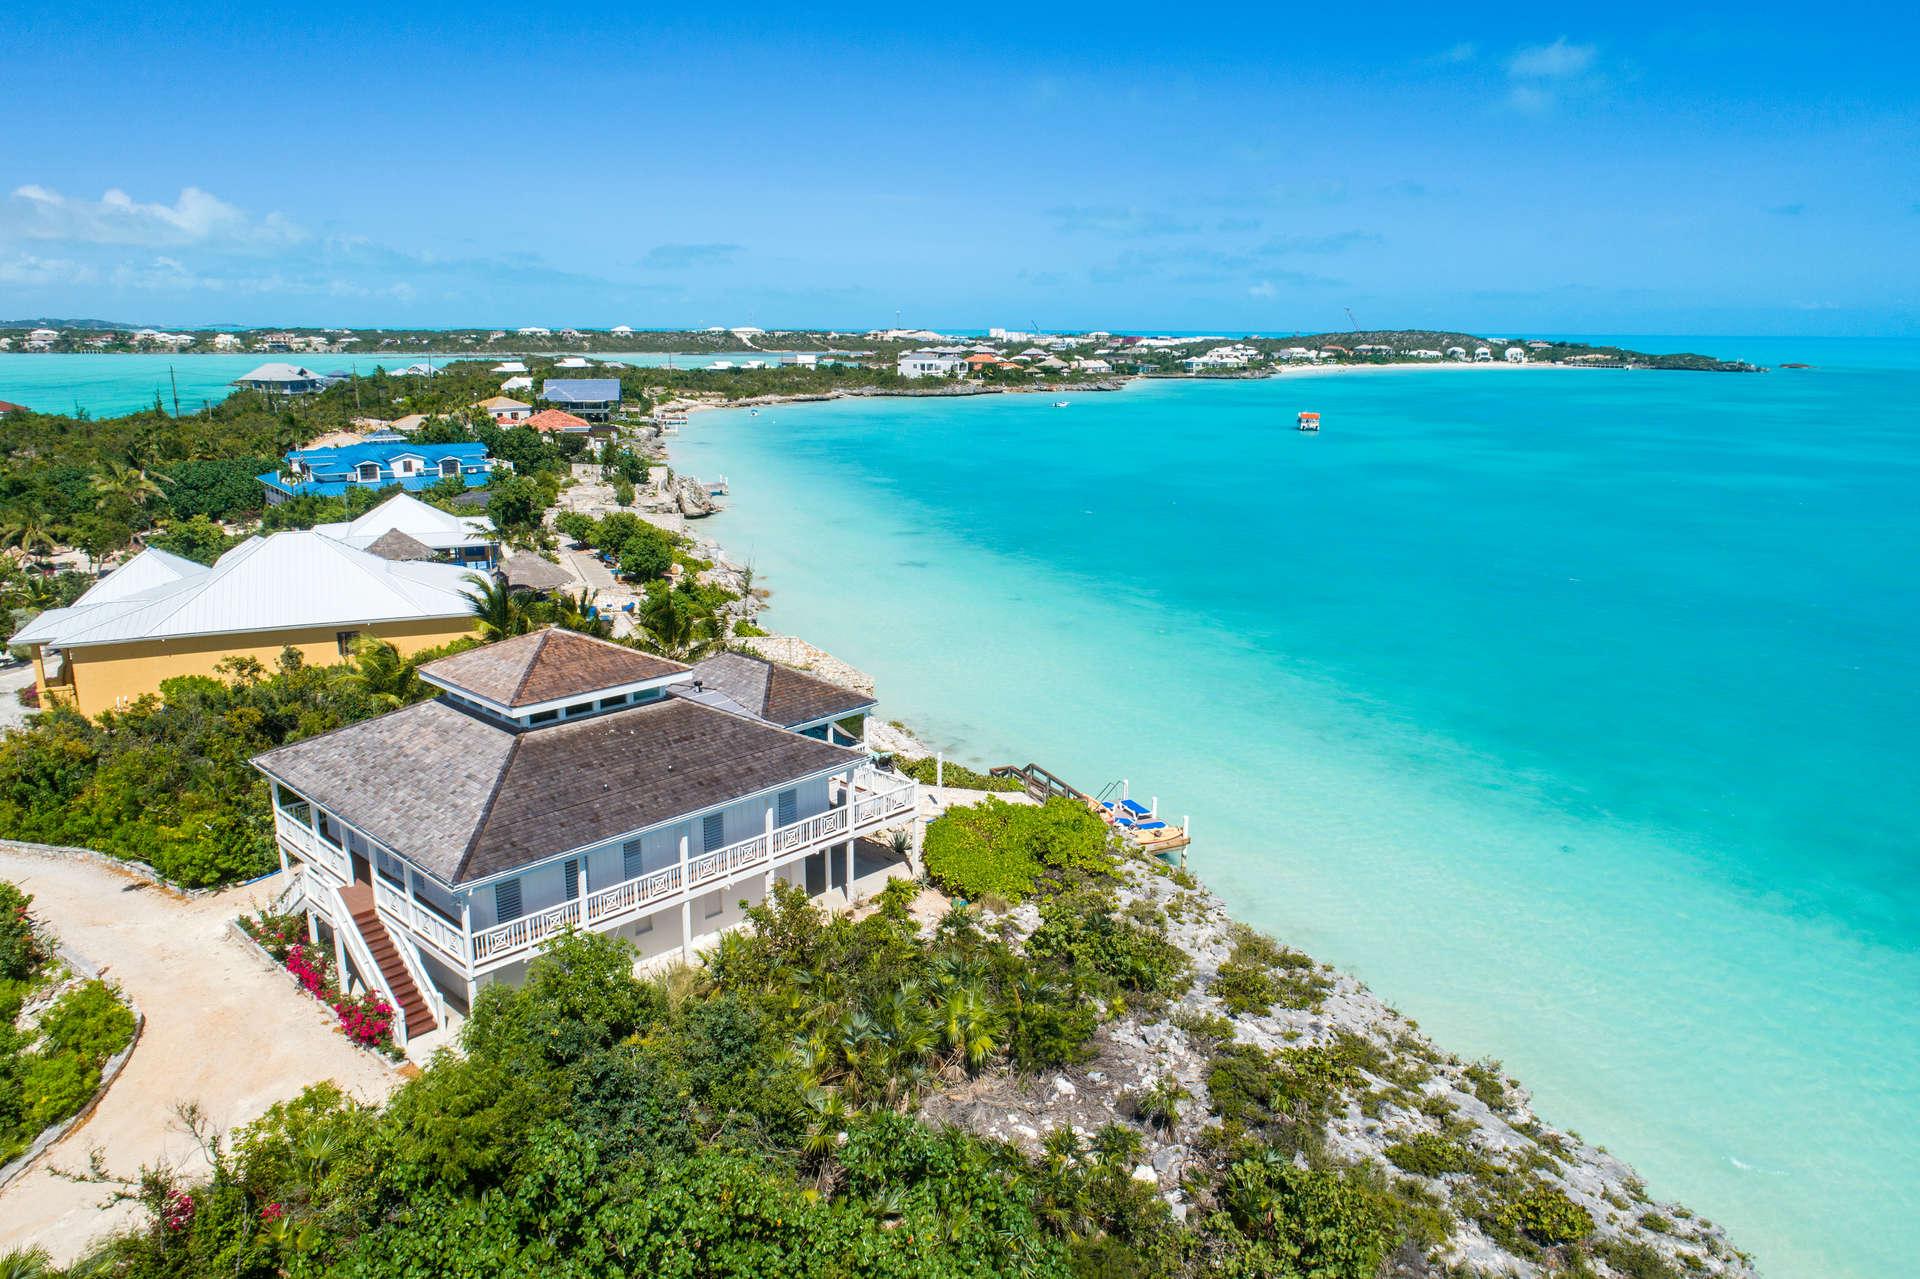 Luxury villa rentals caribbean - Turks and caicos - Providenciales - Oceanpoint - Villa Calypso - Image 1/22